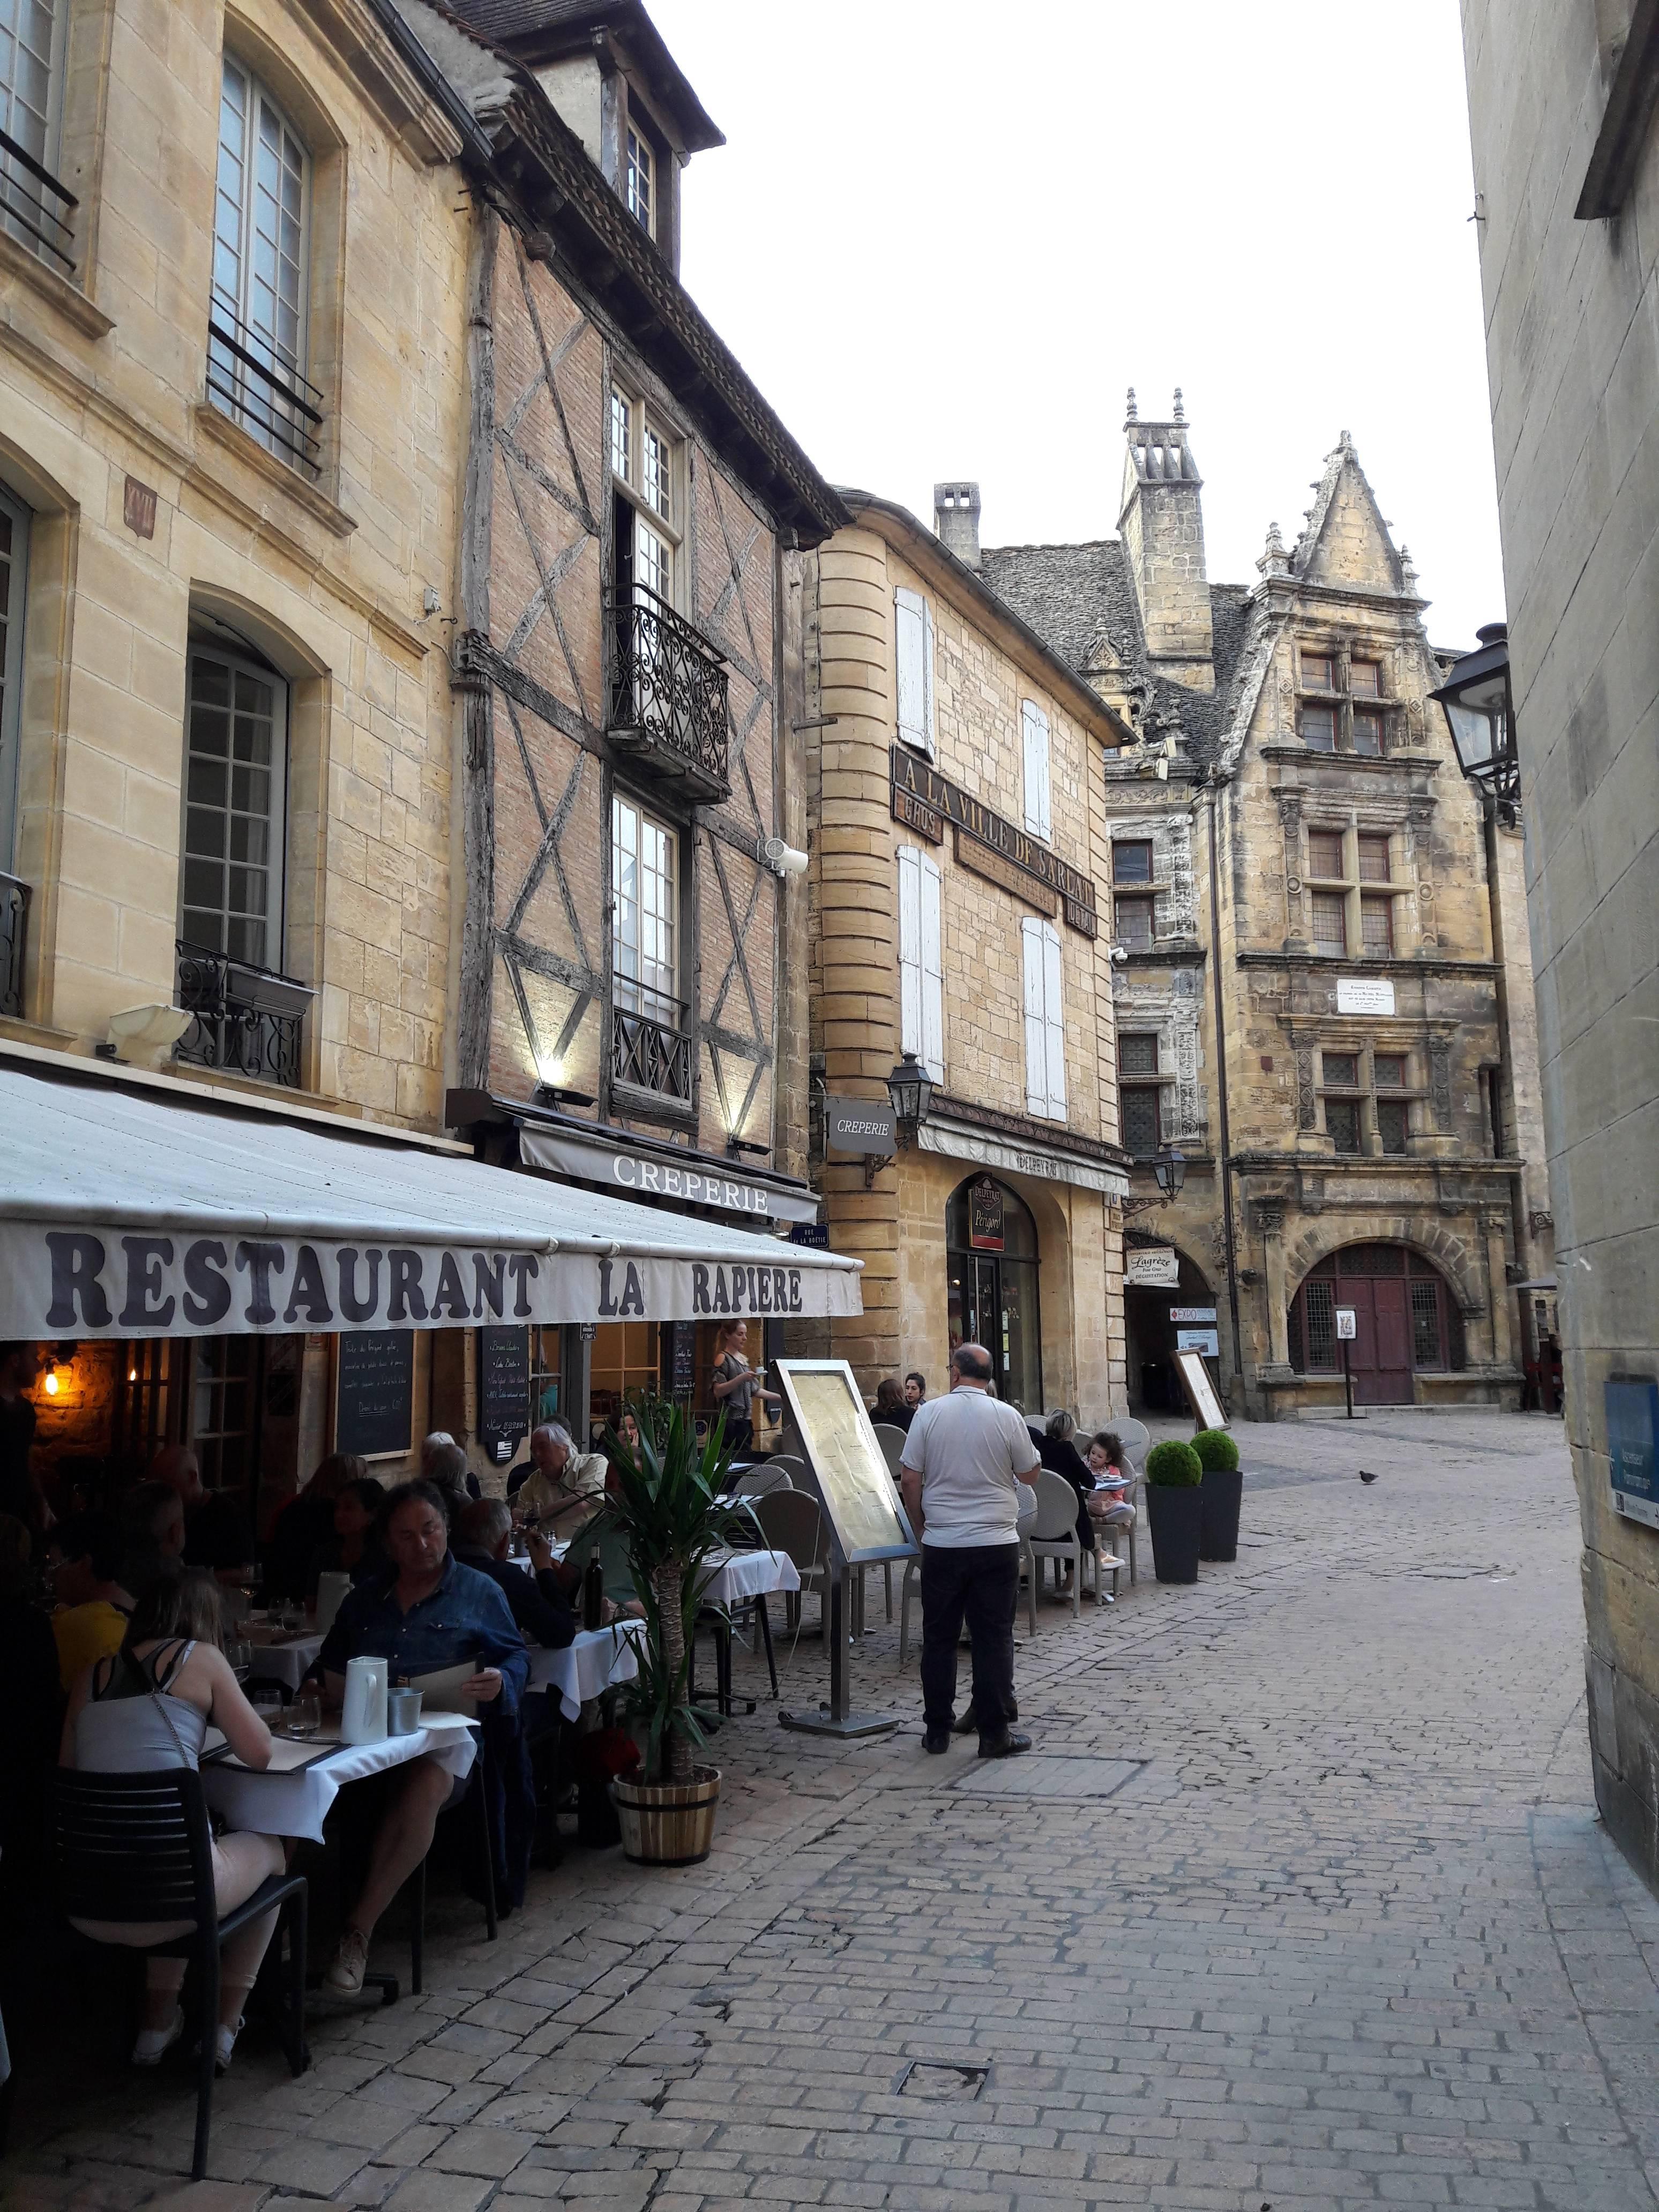 Photo 2: Un excellent restaurant, tout sur le canard!